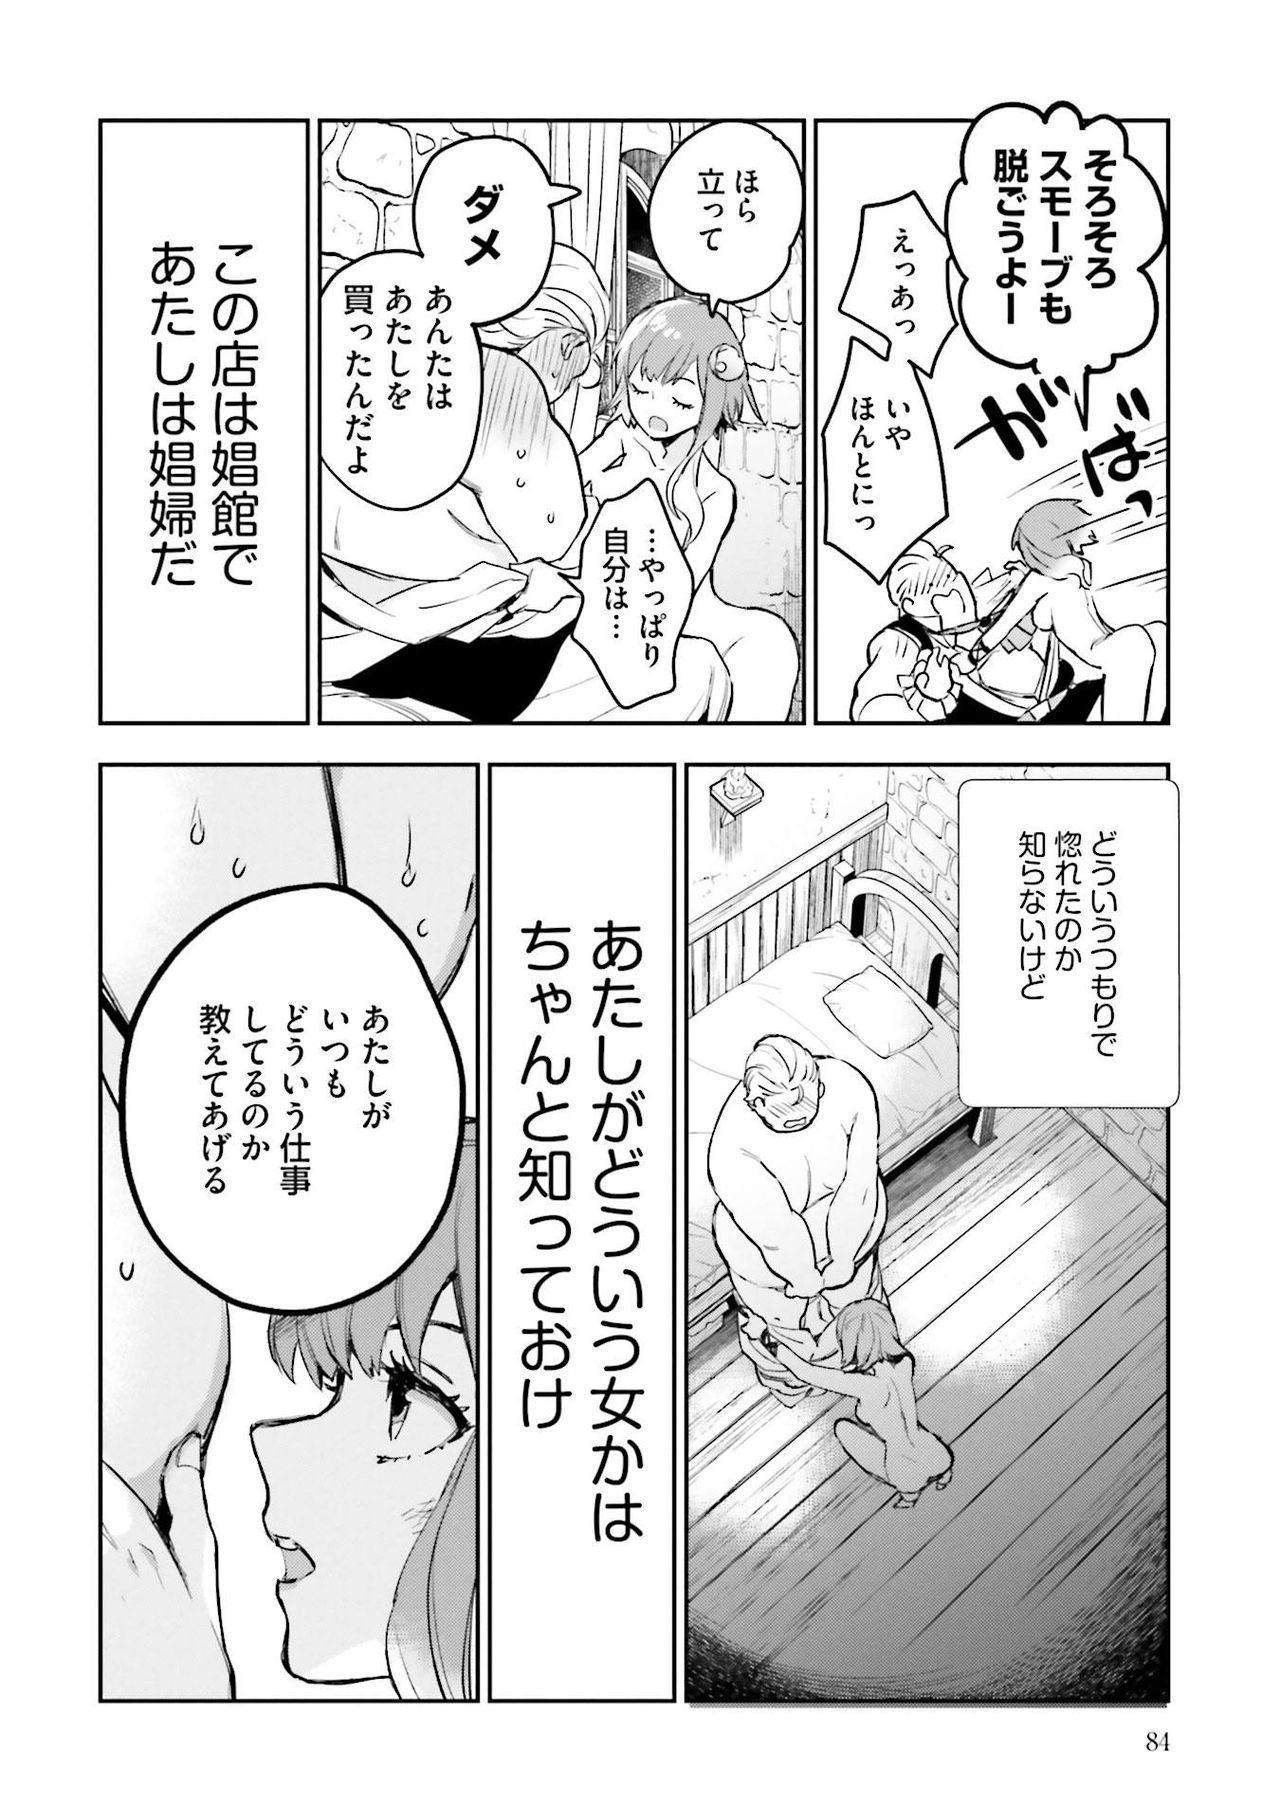 JK Haru wa Isekai de Shoufu ni Natta 1-14 272